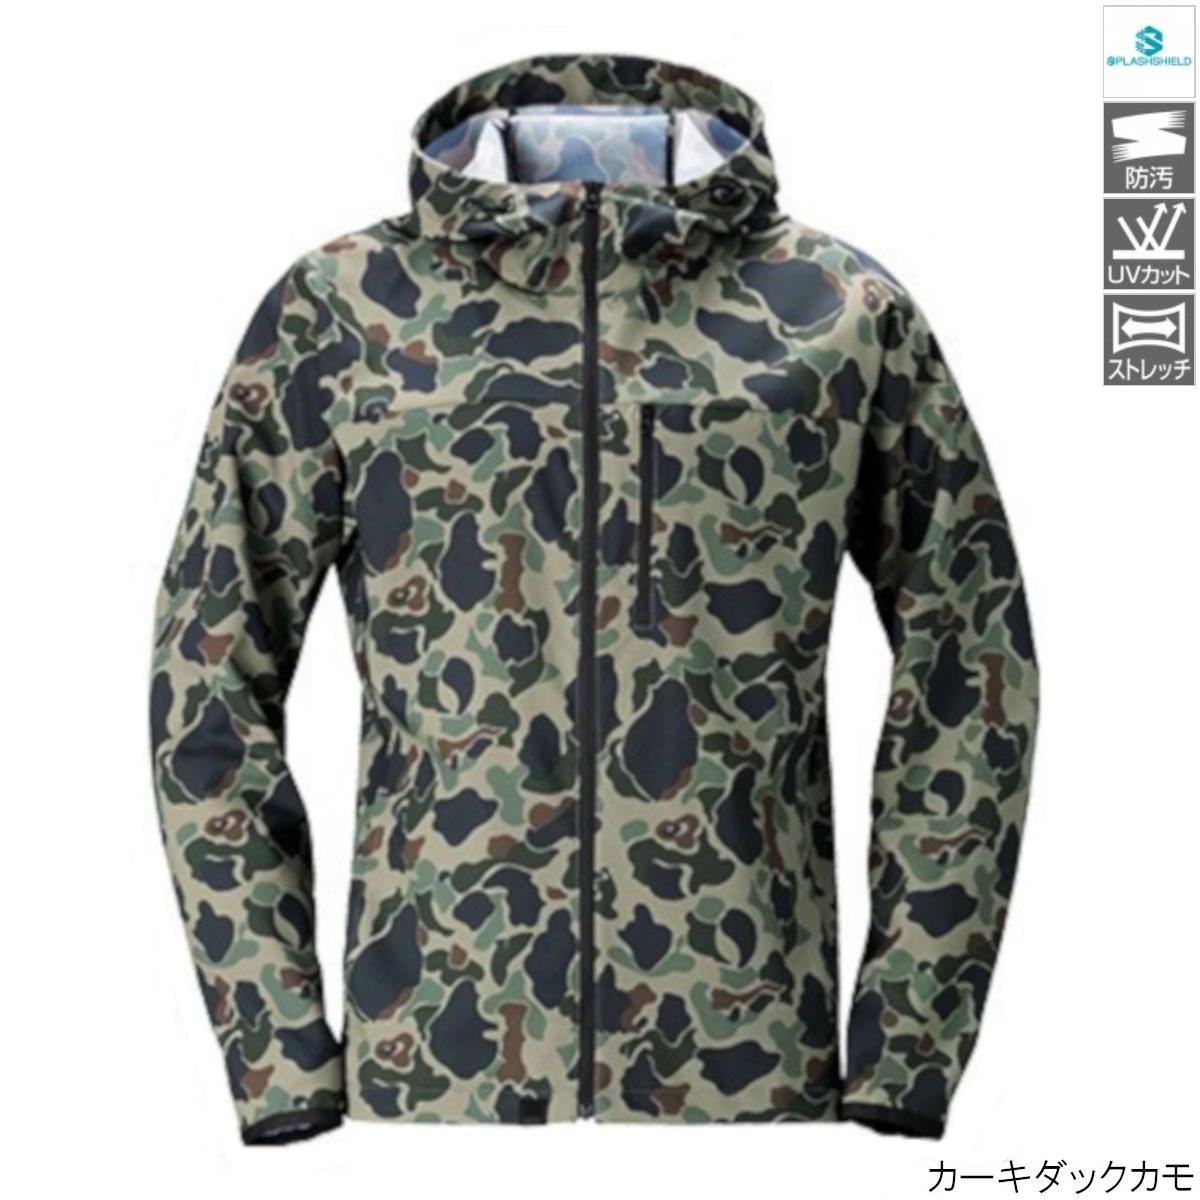 シマノ SSジャケット WJ-048T XL カーキダックカモ(東日本店)